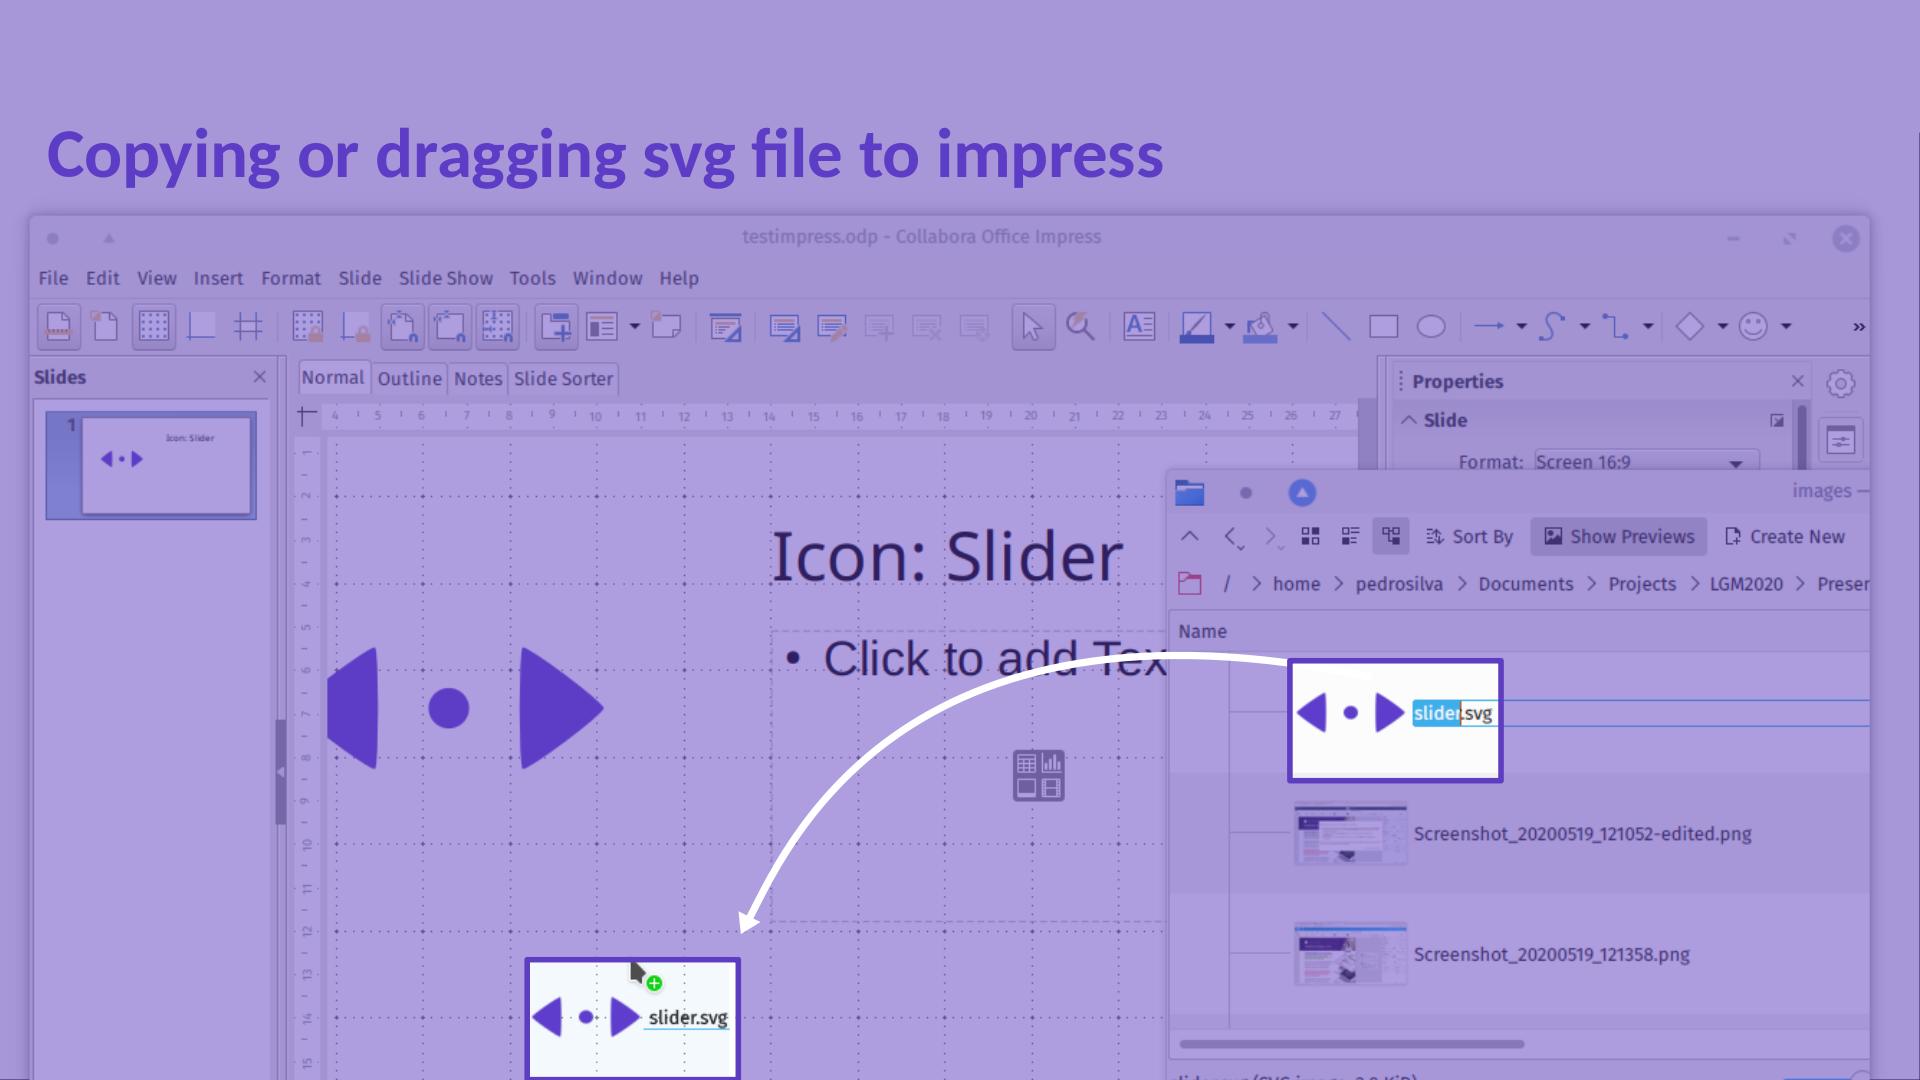 LGM2020 slide: drag n drop an SVG to Impress